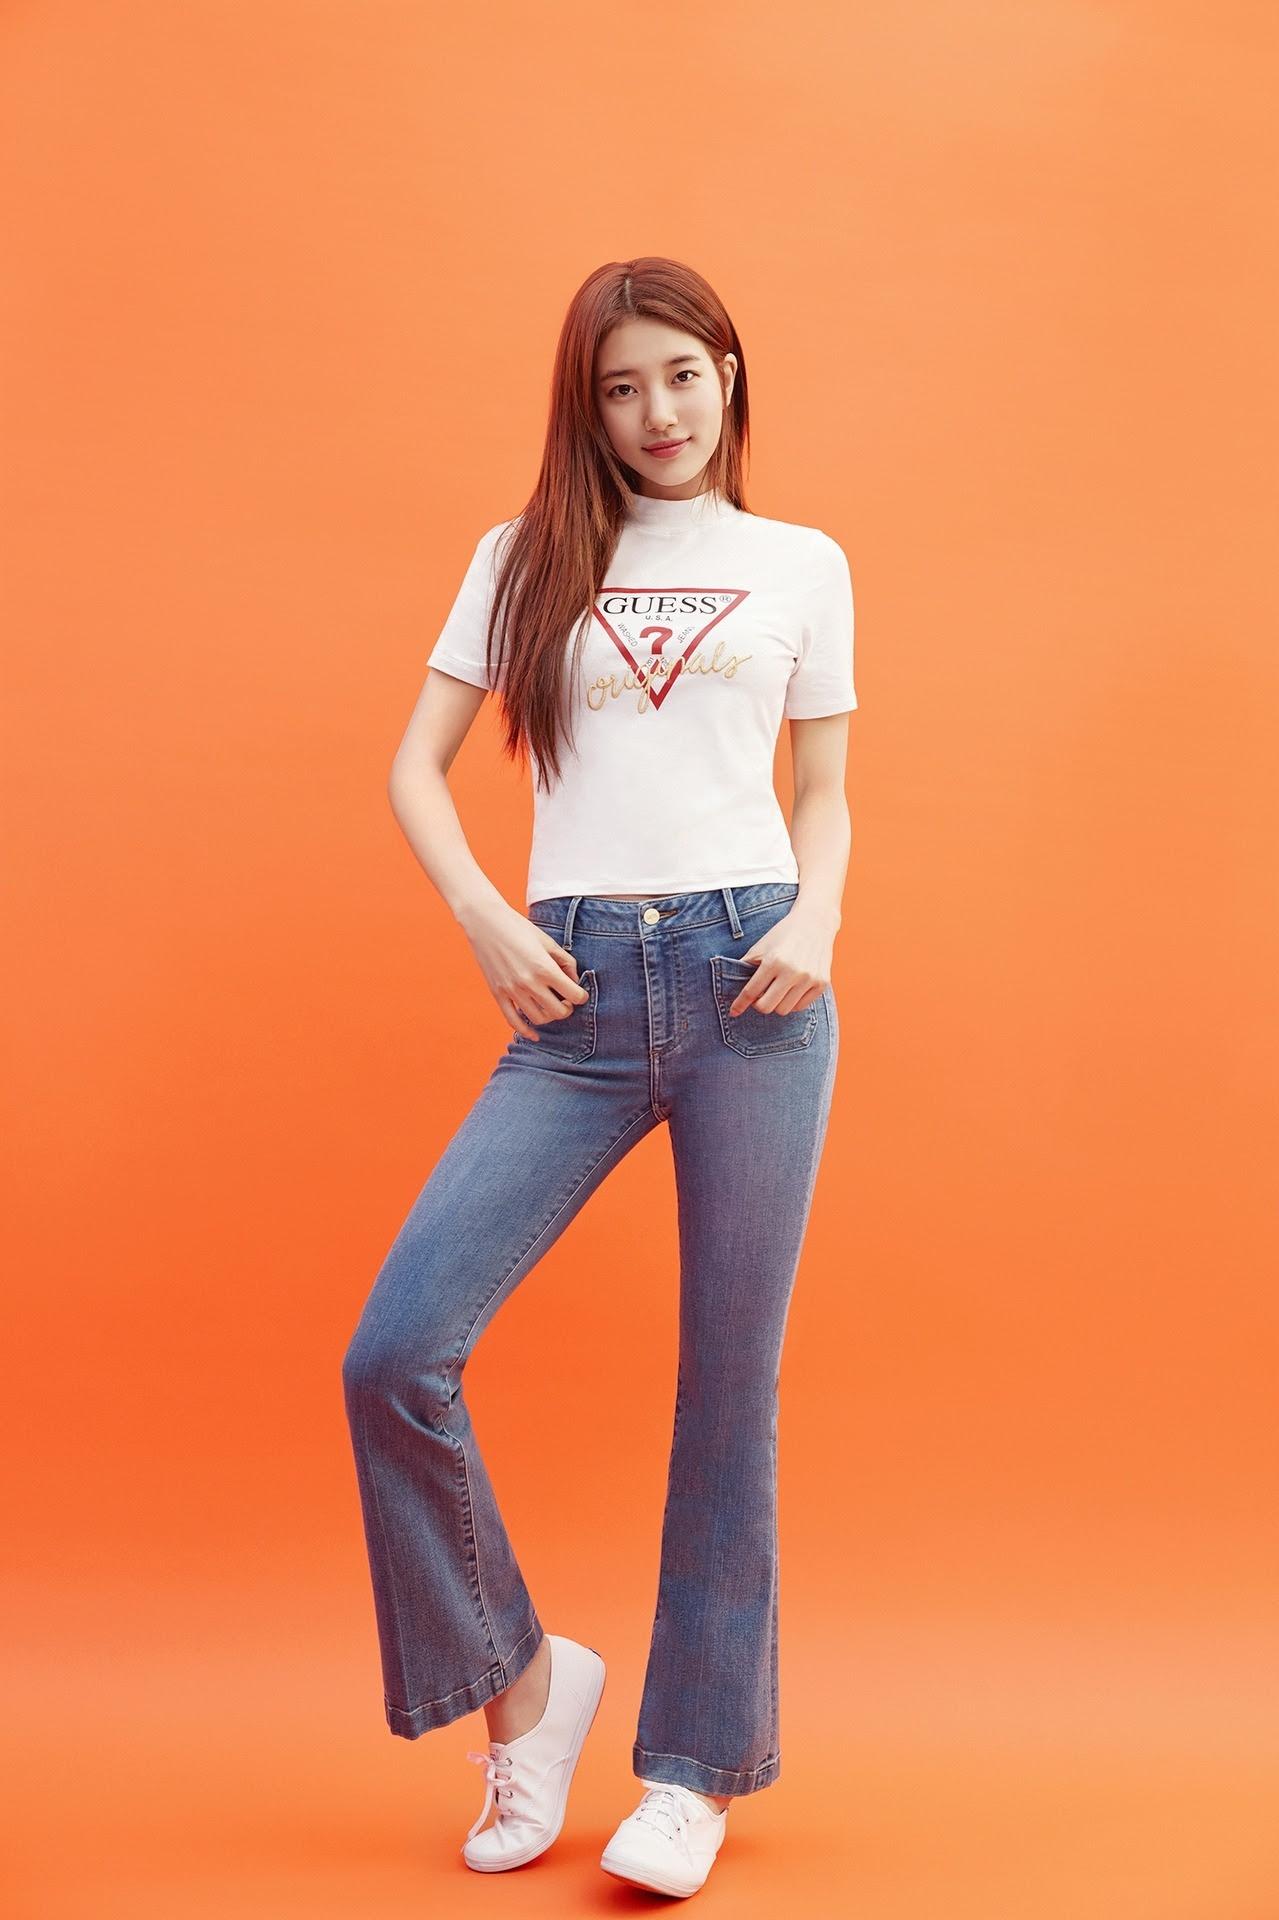 Suzy Guess 2018 Bae Suzy Foto 41440928 Fanpop